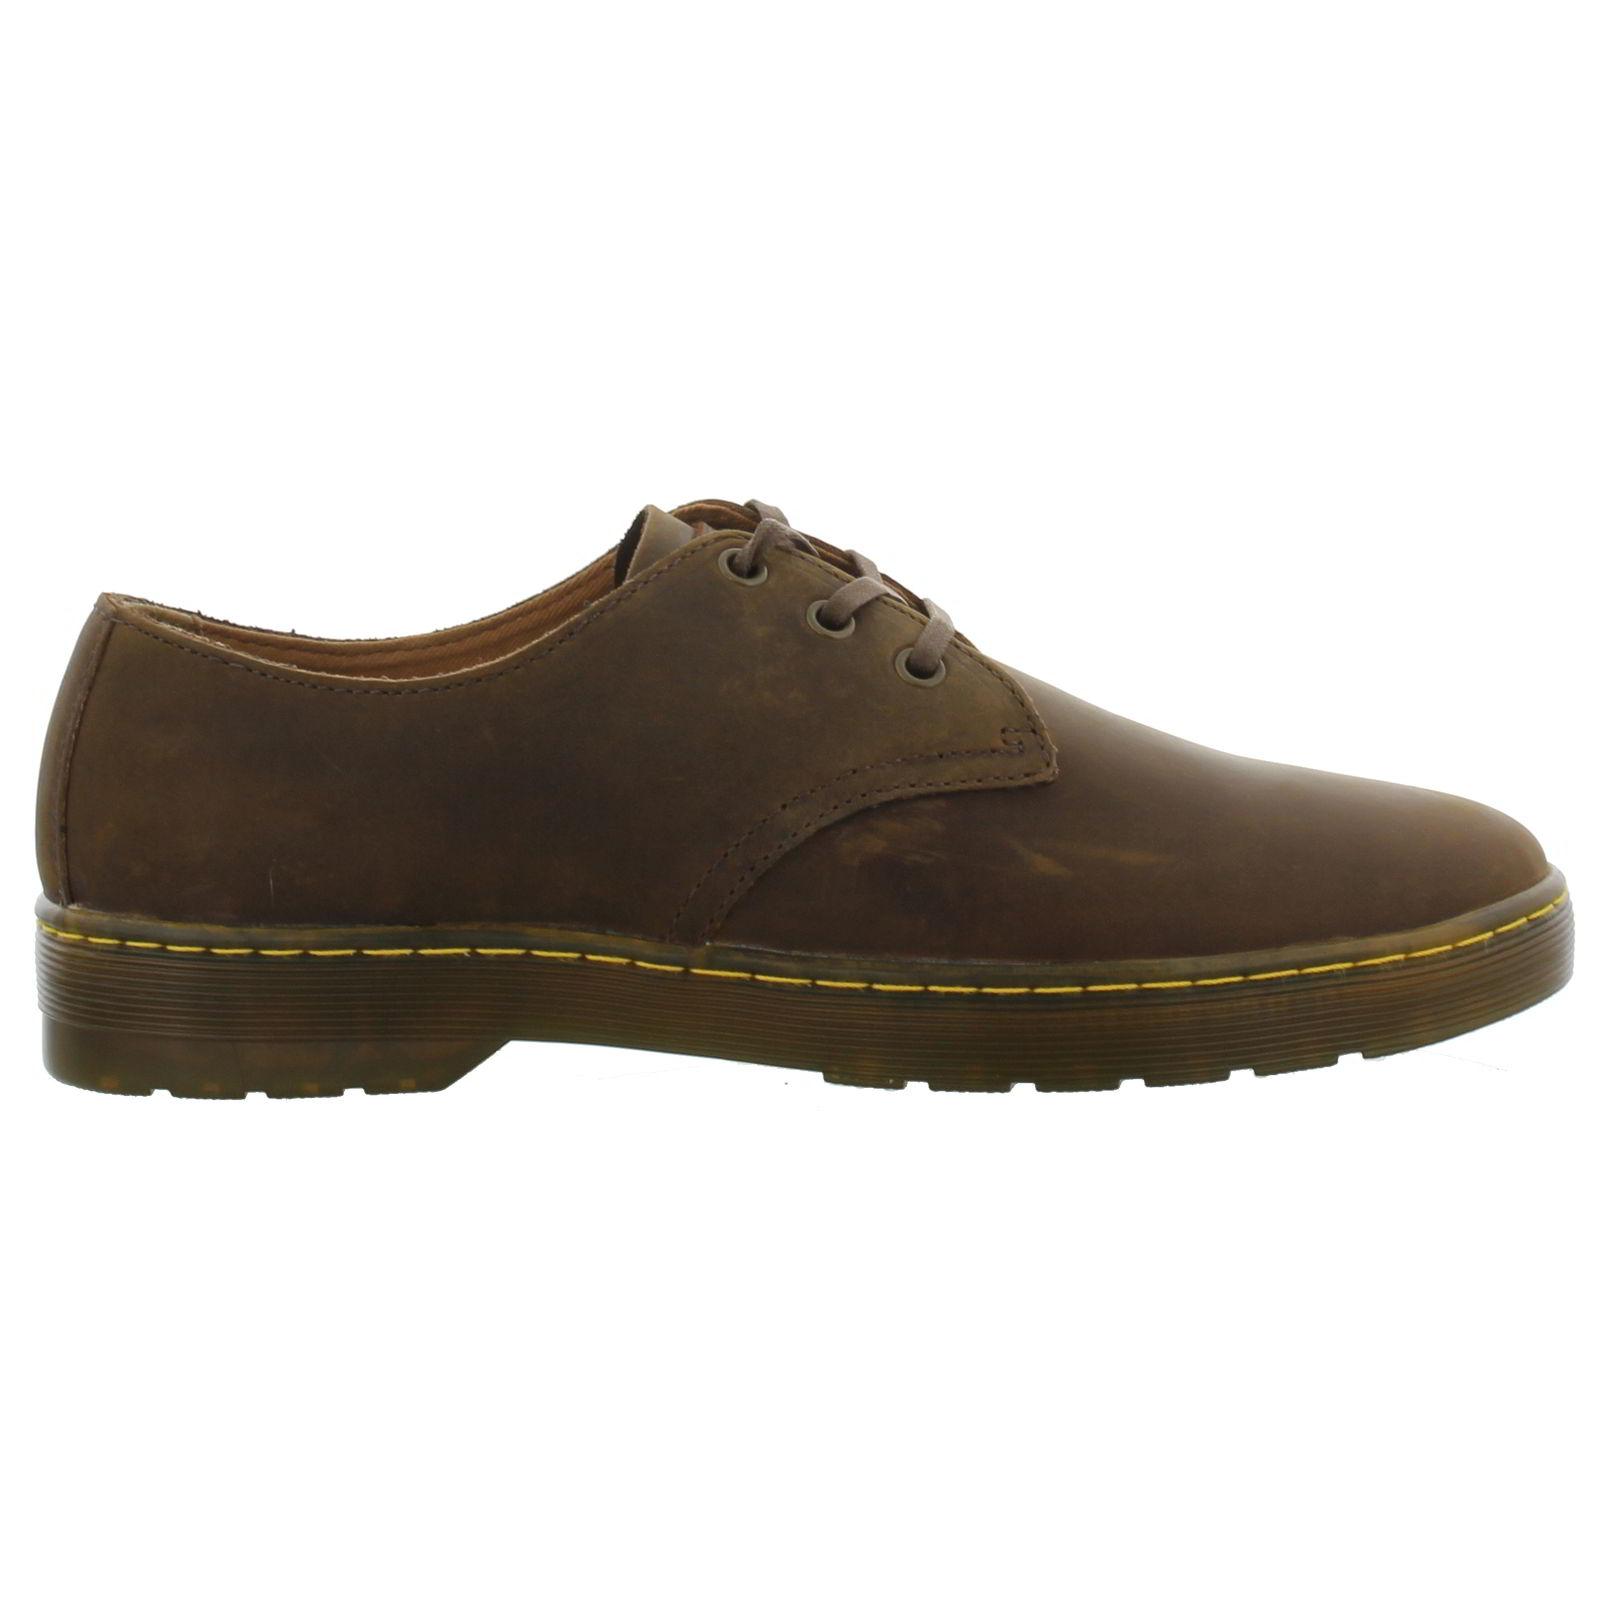 Dr Martens Coronado Mens Leather Lace Up Shoes Size